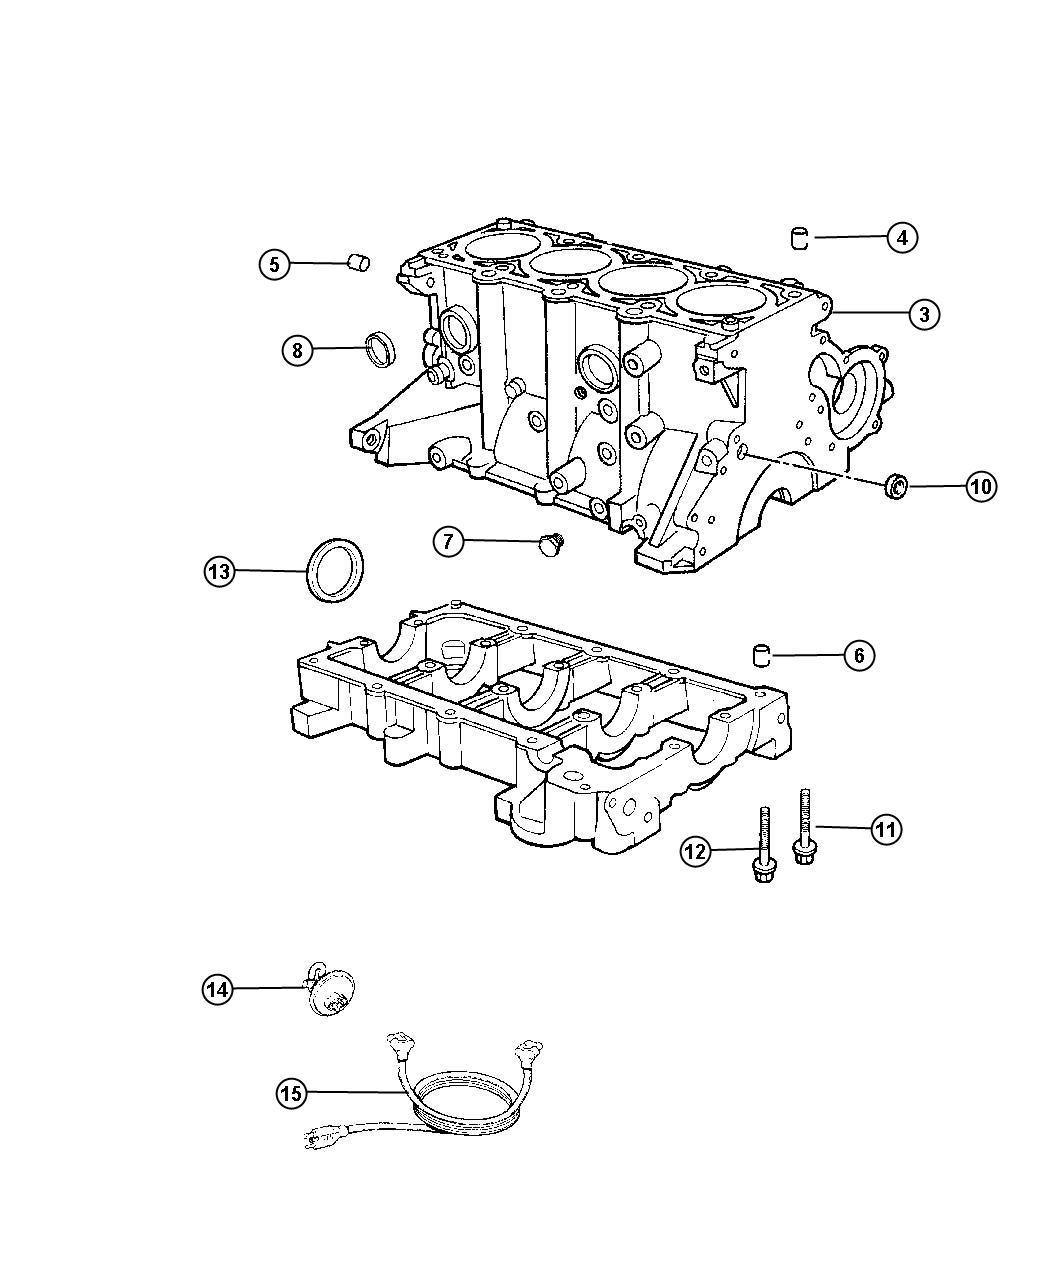 Chrysler Pt Cruiser Block Engine Short Short Block